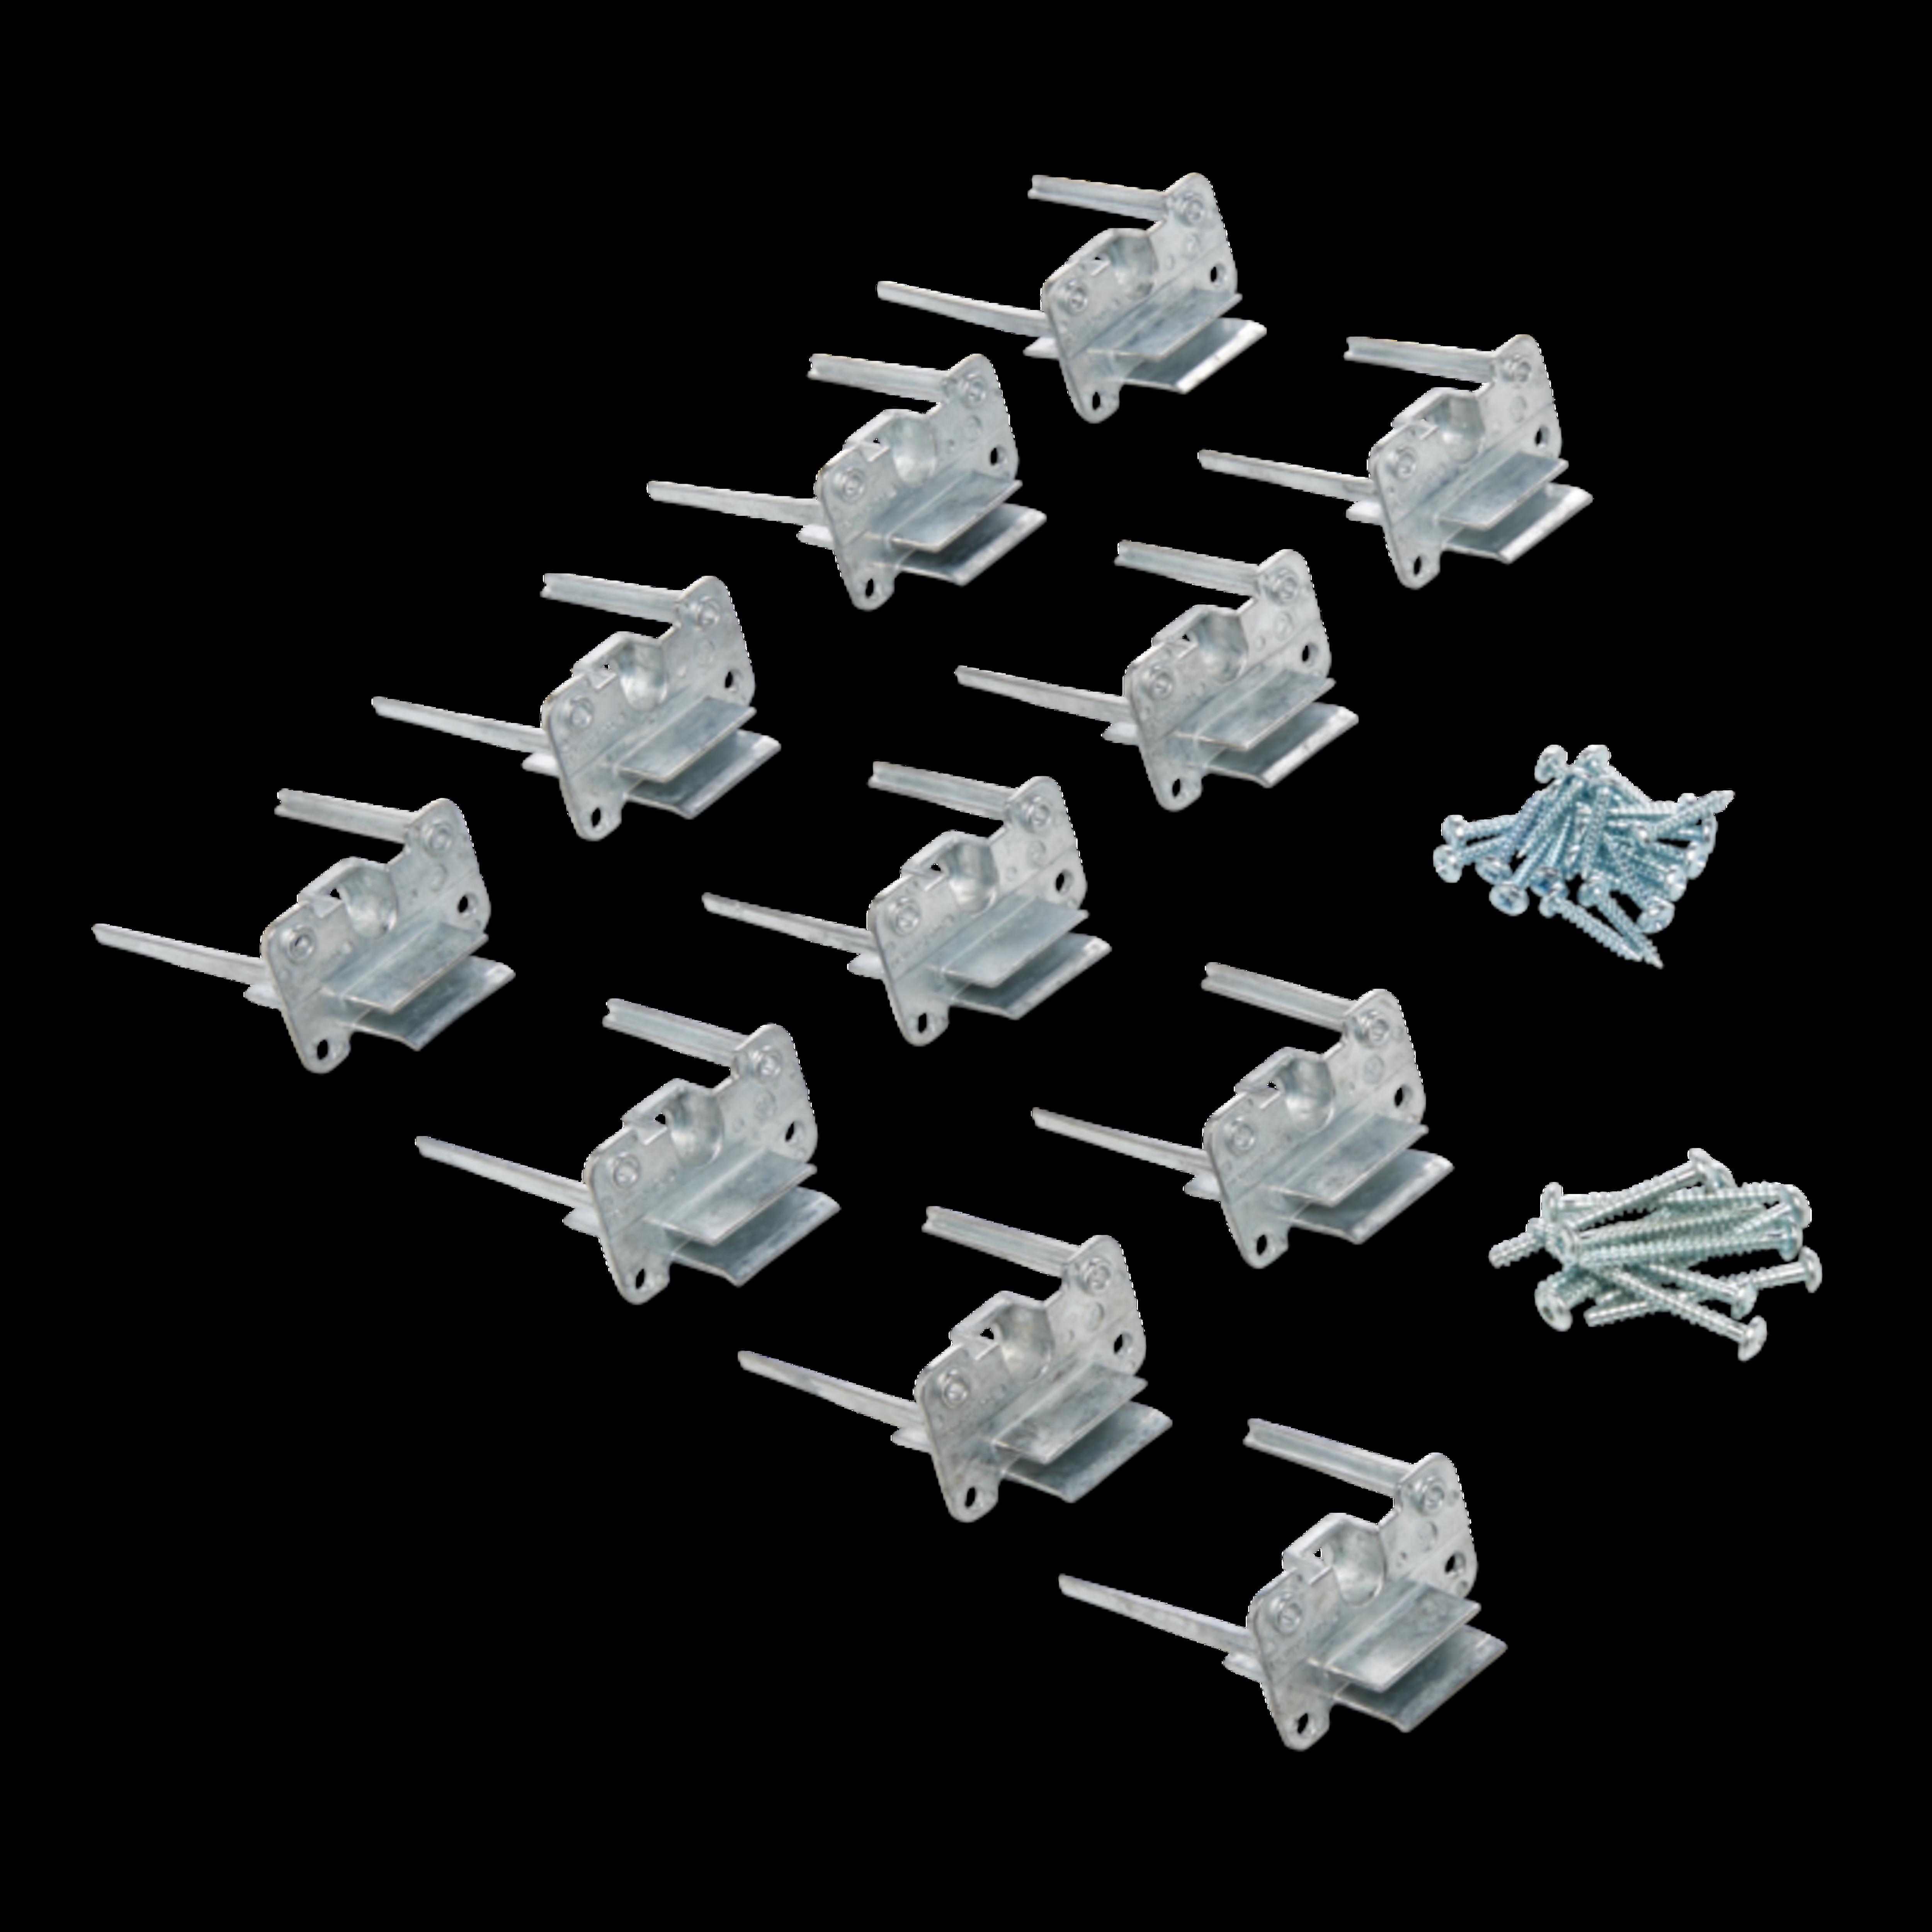 Assembly Kits